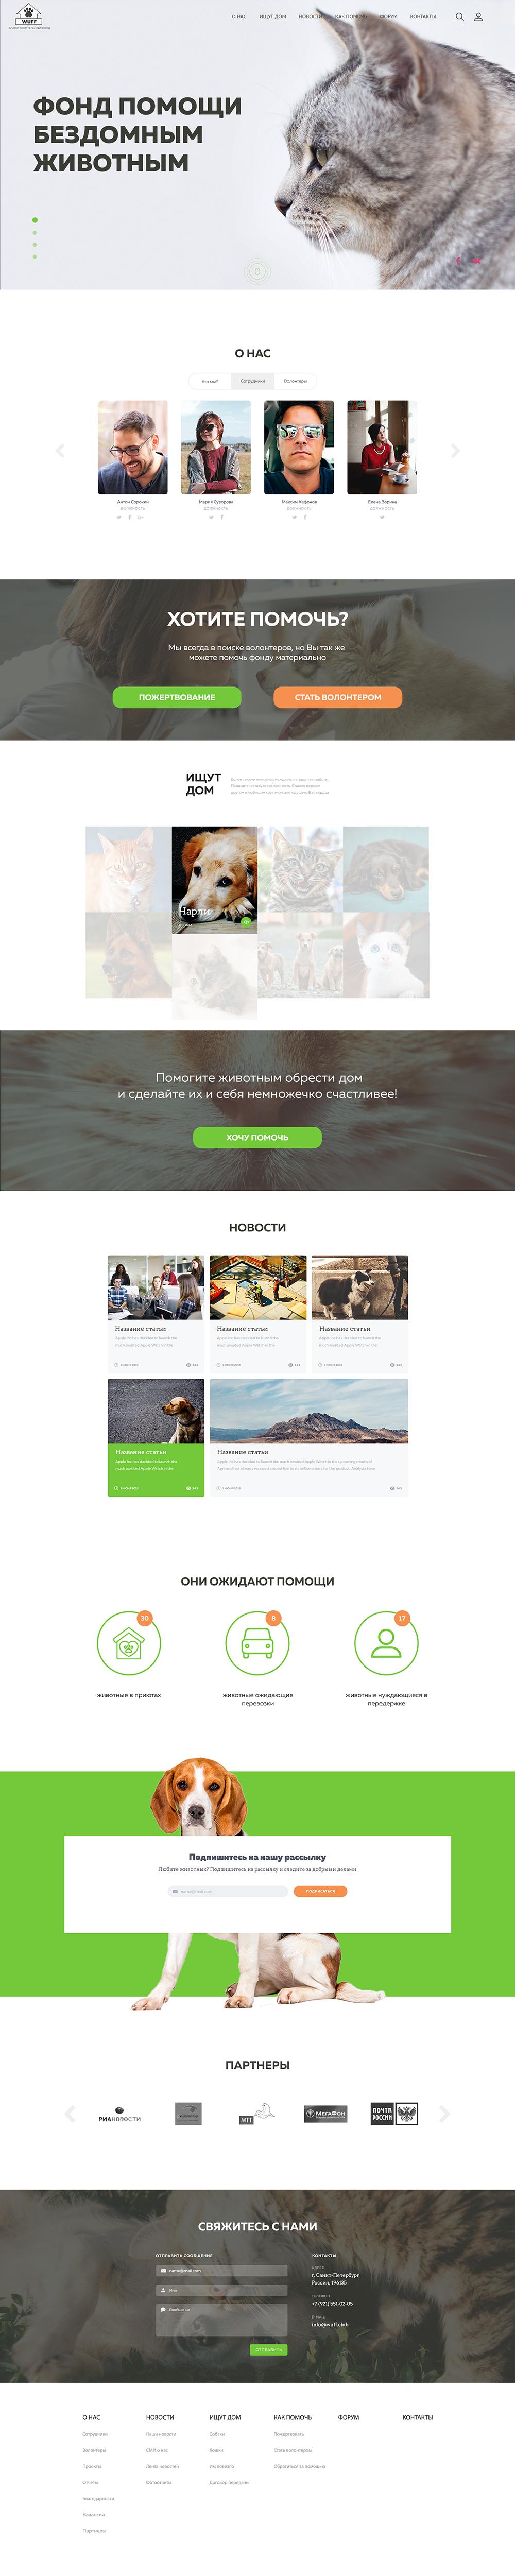 Требуется разработать дизайн сайта помощи бездомным животным фото f_362587ab647427df.jpg